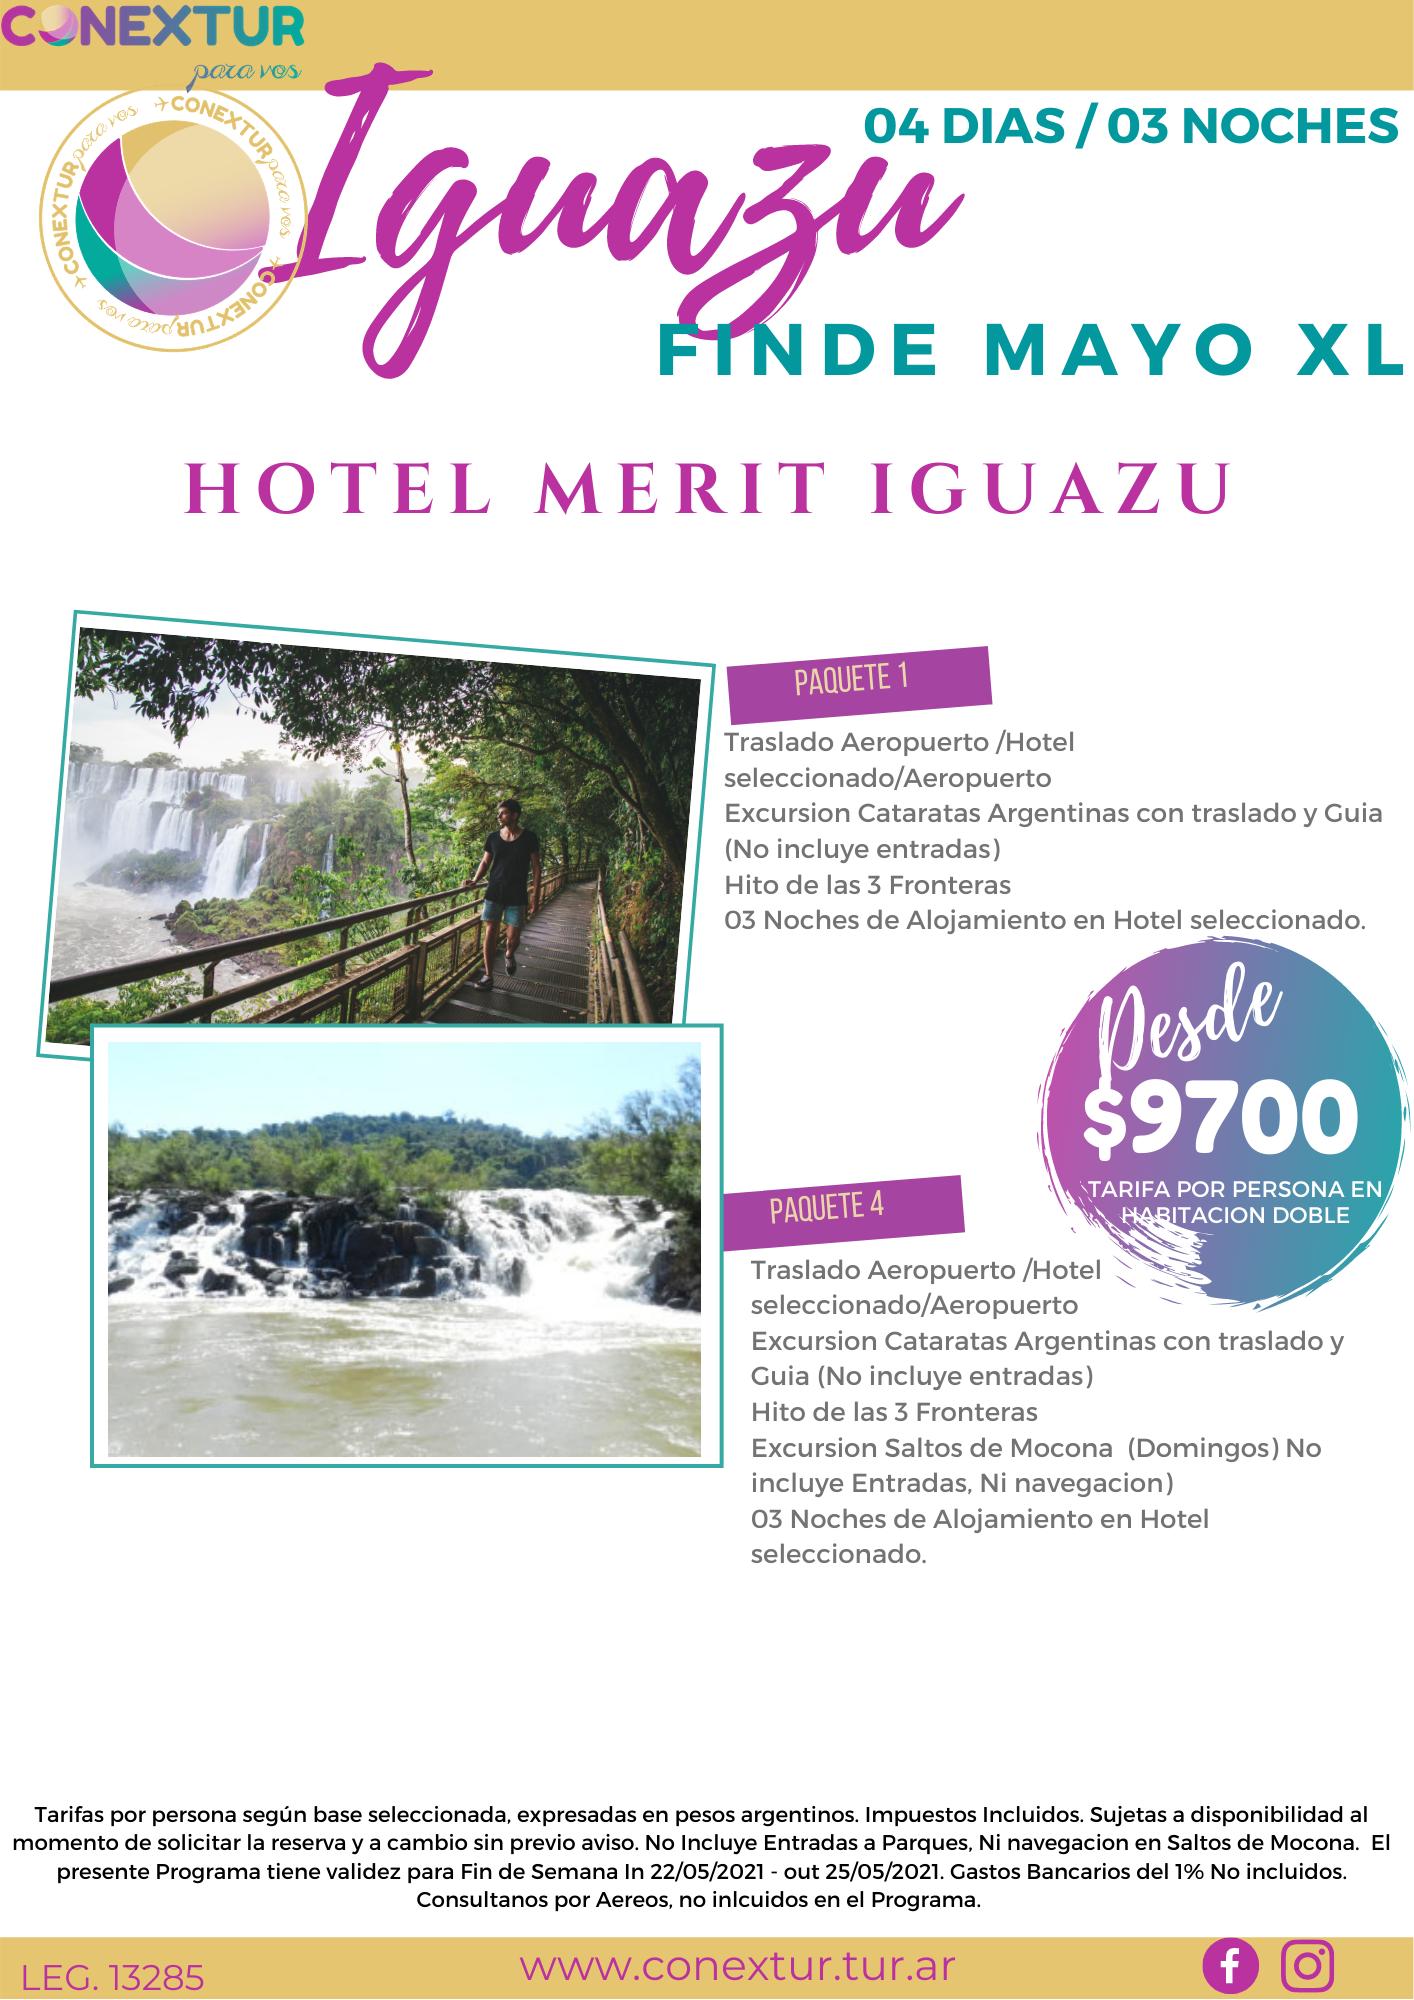 Merit Iguazu